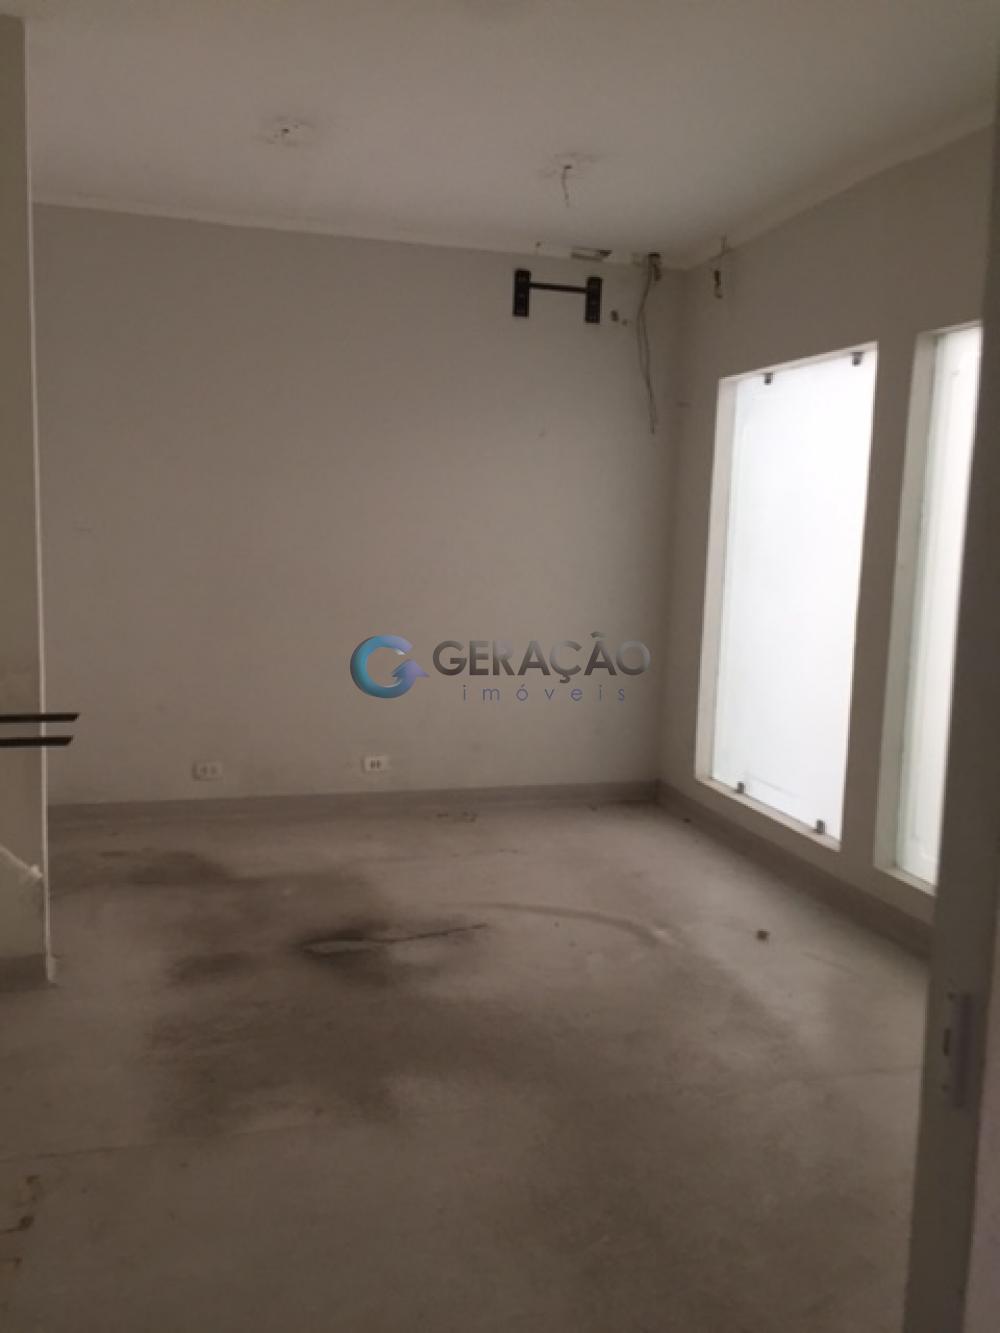 Alugar Comercial / Ponto Comercial em São José dos Campos R$ 15.000,00 - Foto 11